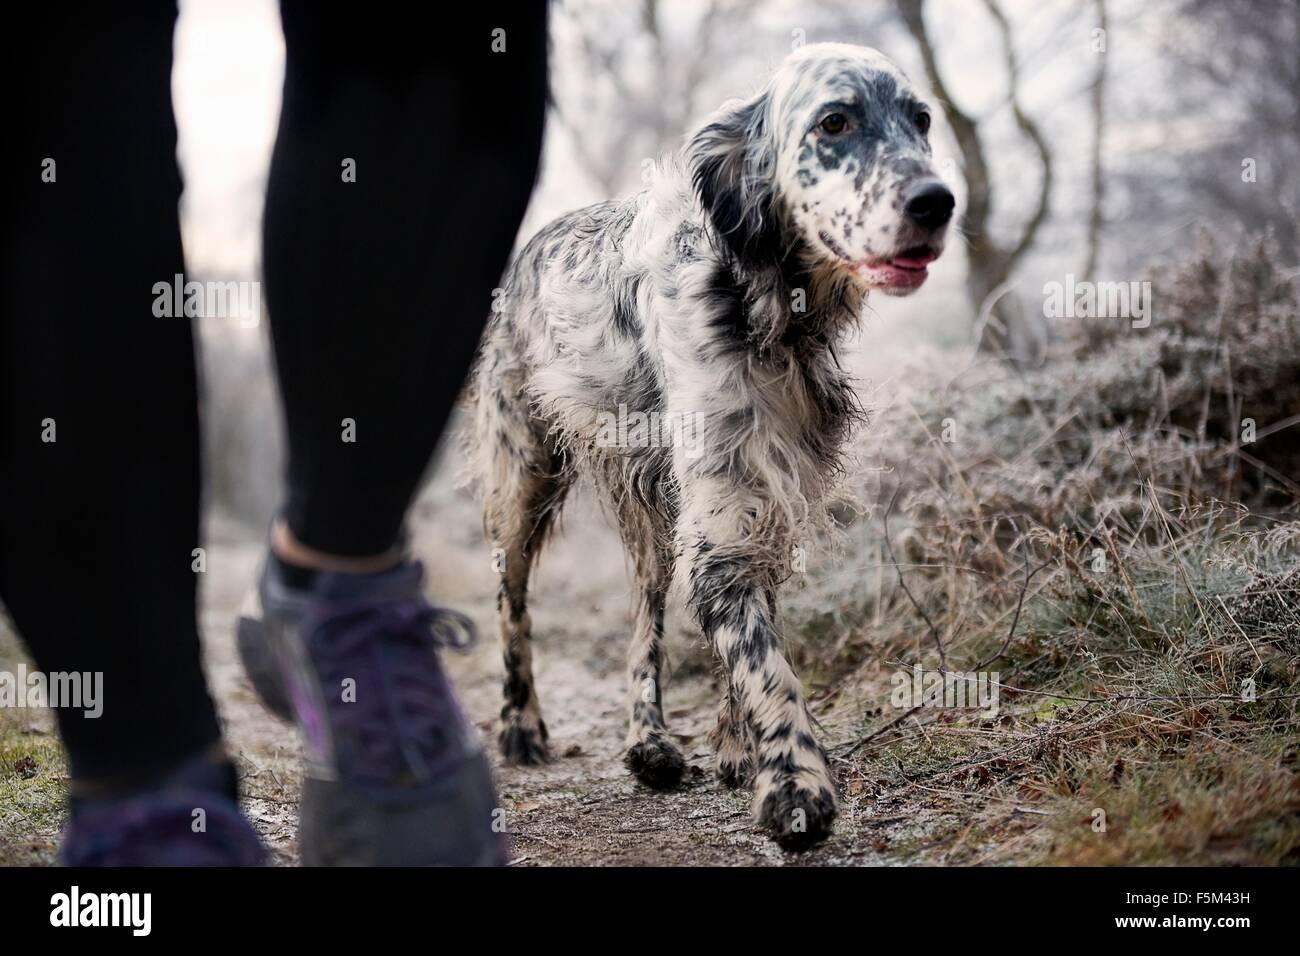 Las piernas de una mujer adulta media paseando a un perro en la ruta helada Imagen De Stock